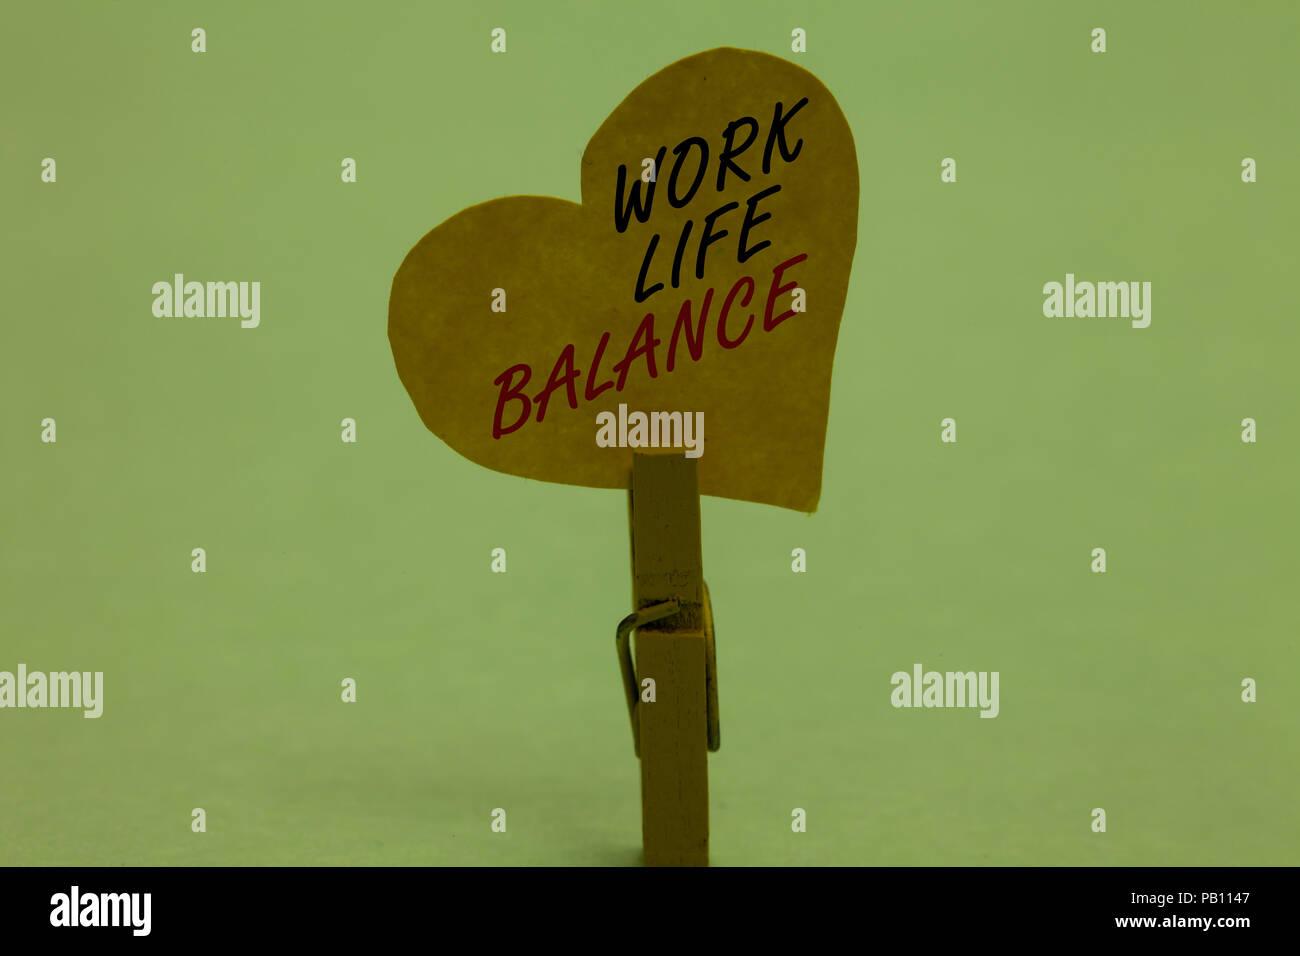 Handschrift Text Work Life Balance Begriff Sinne Abteilung Der Zeit